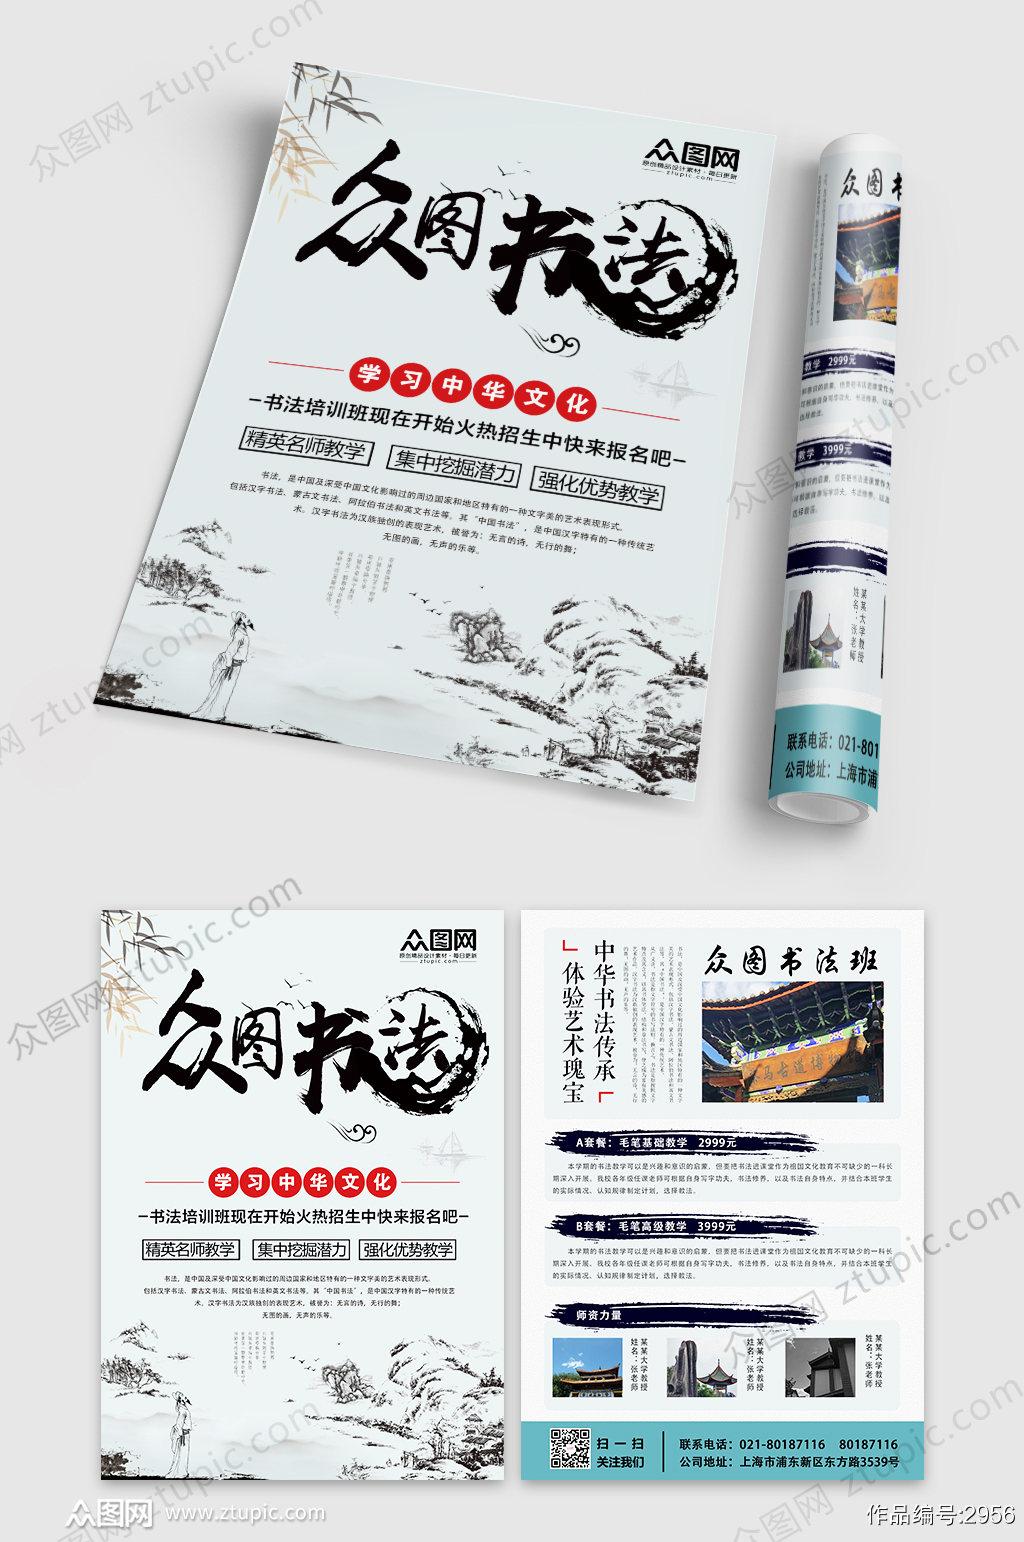 中国风书法培训班宣传单素材